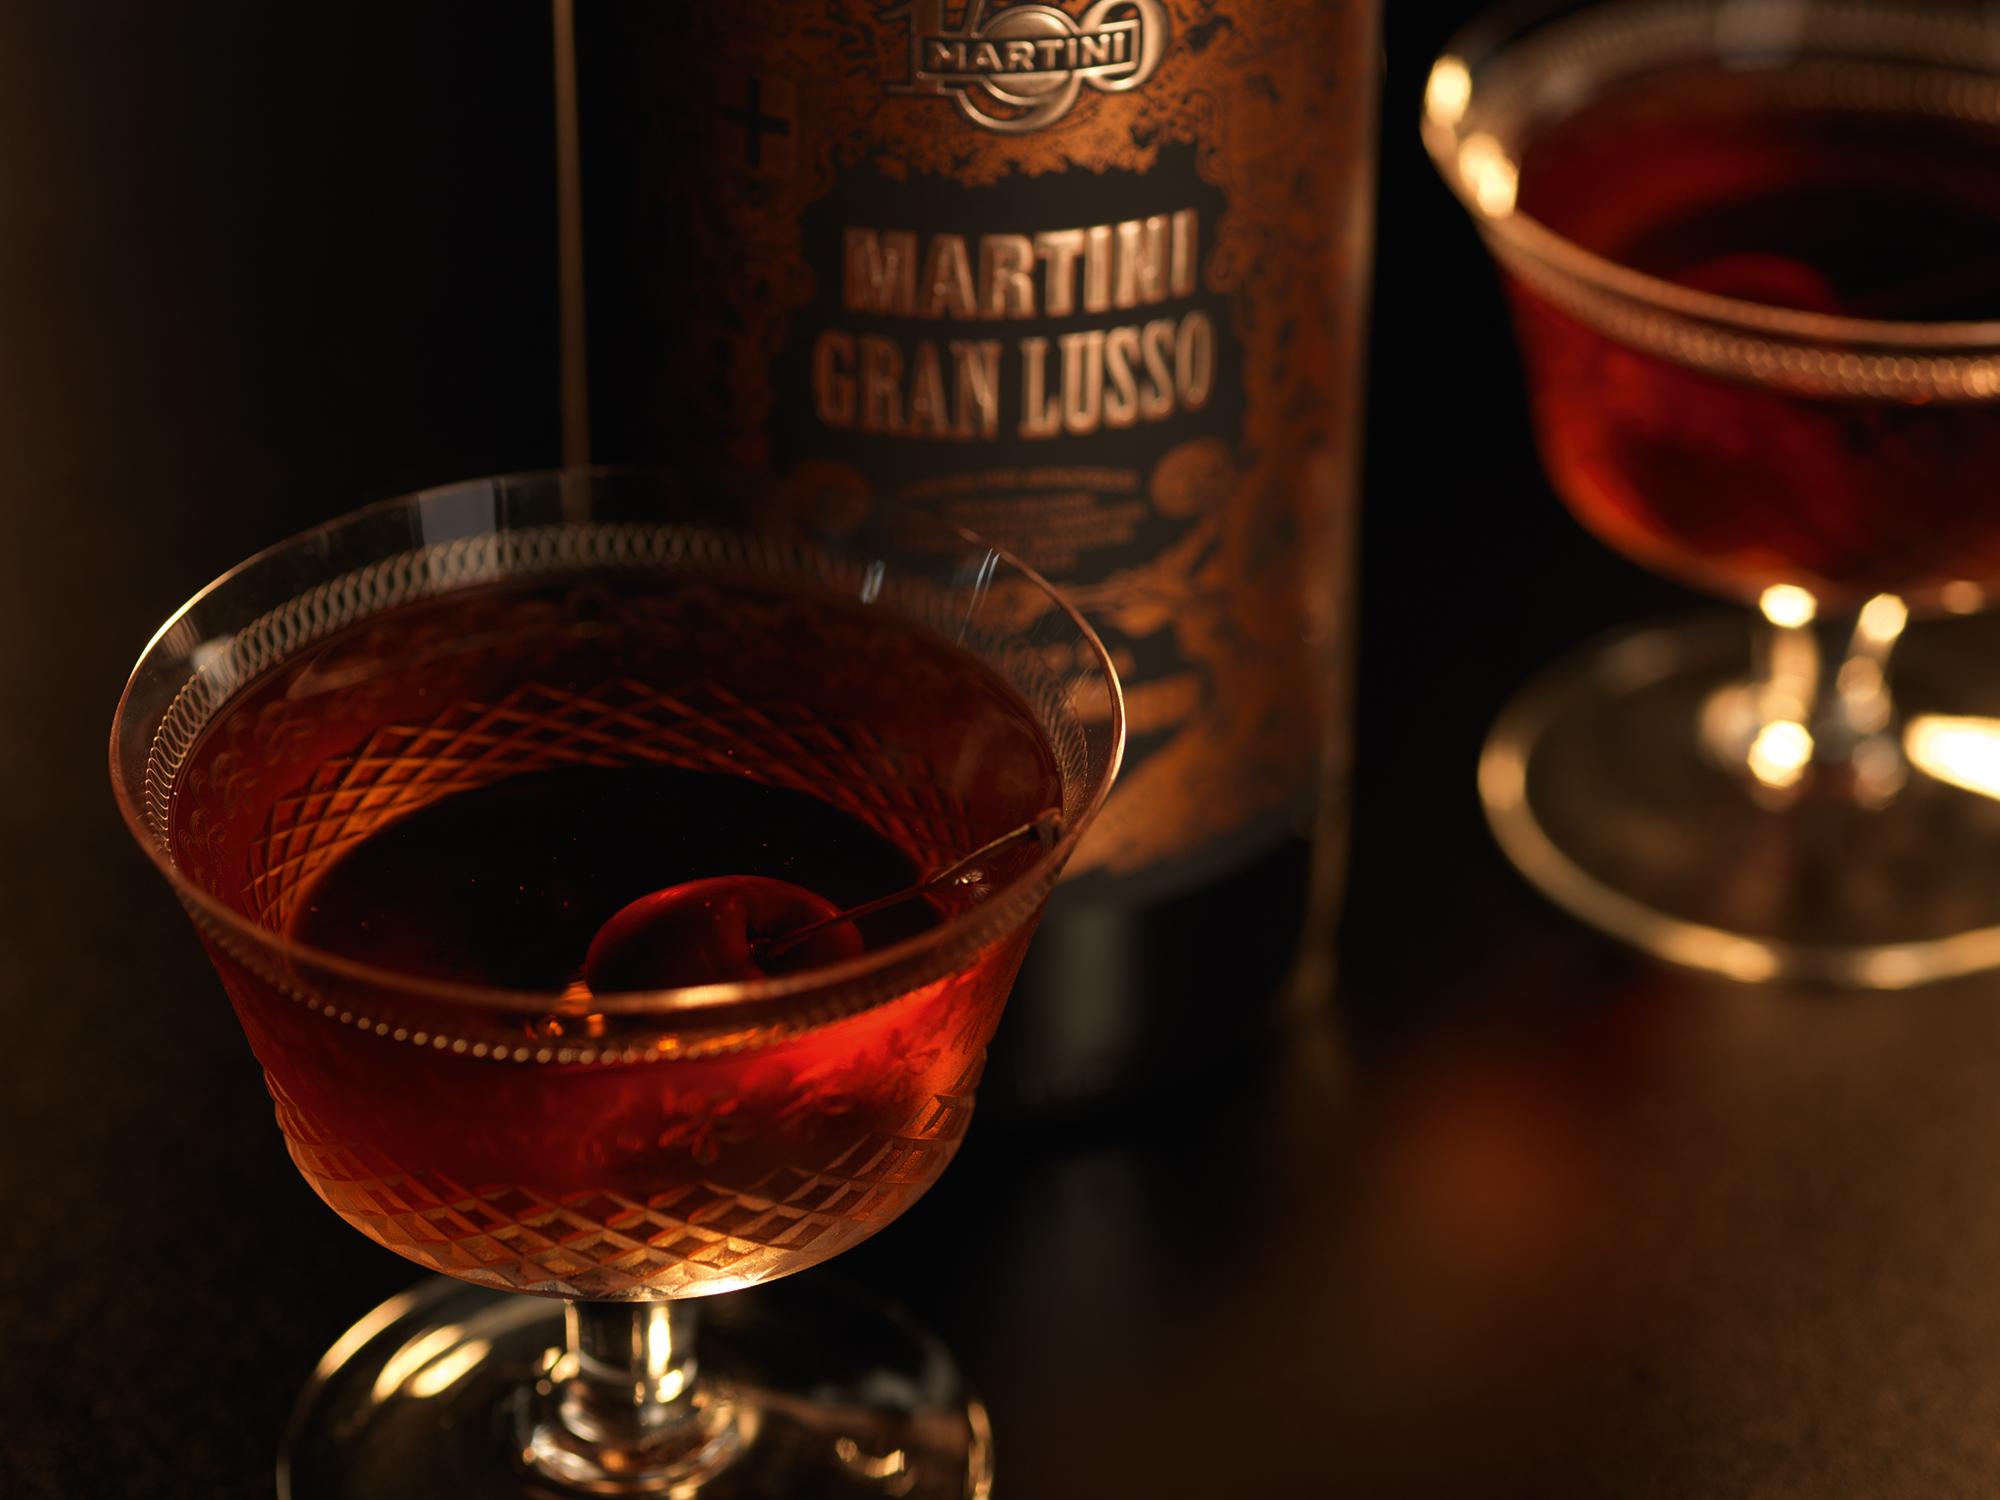 Martini Gran Lusso_Cocktail El Presidente